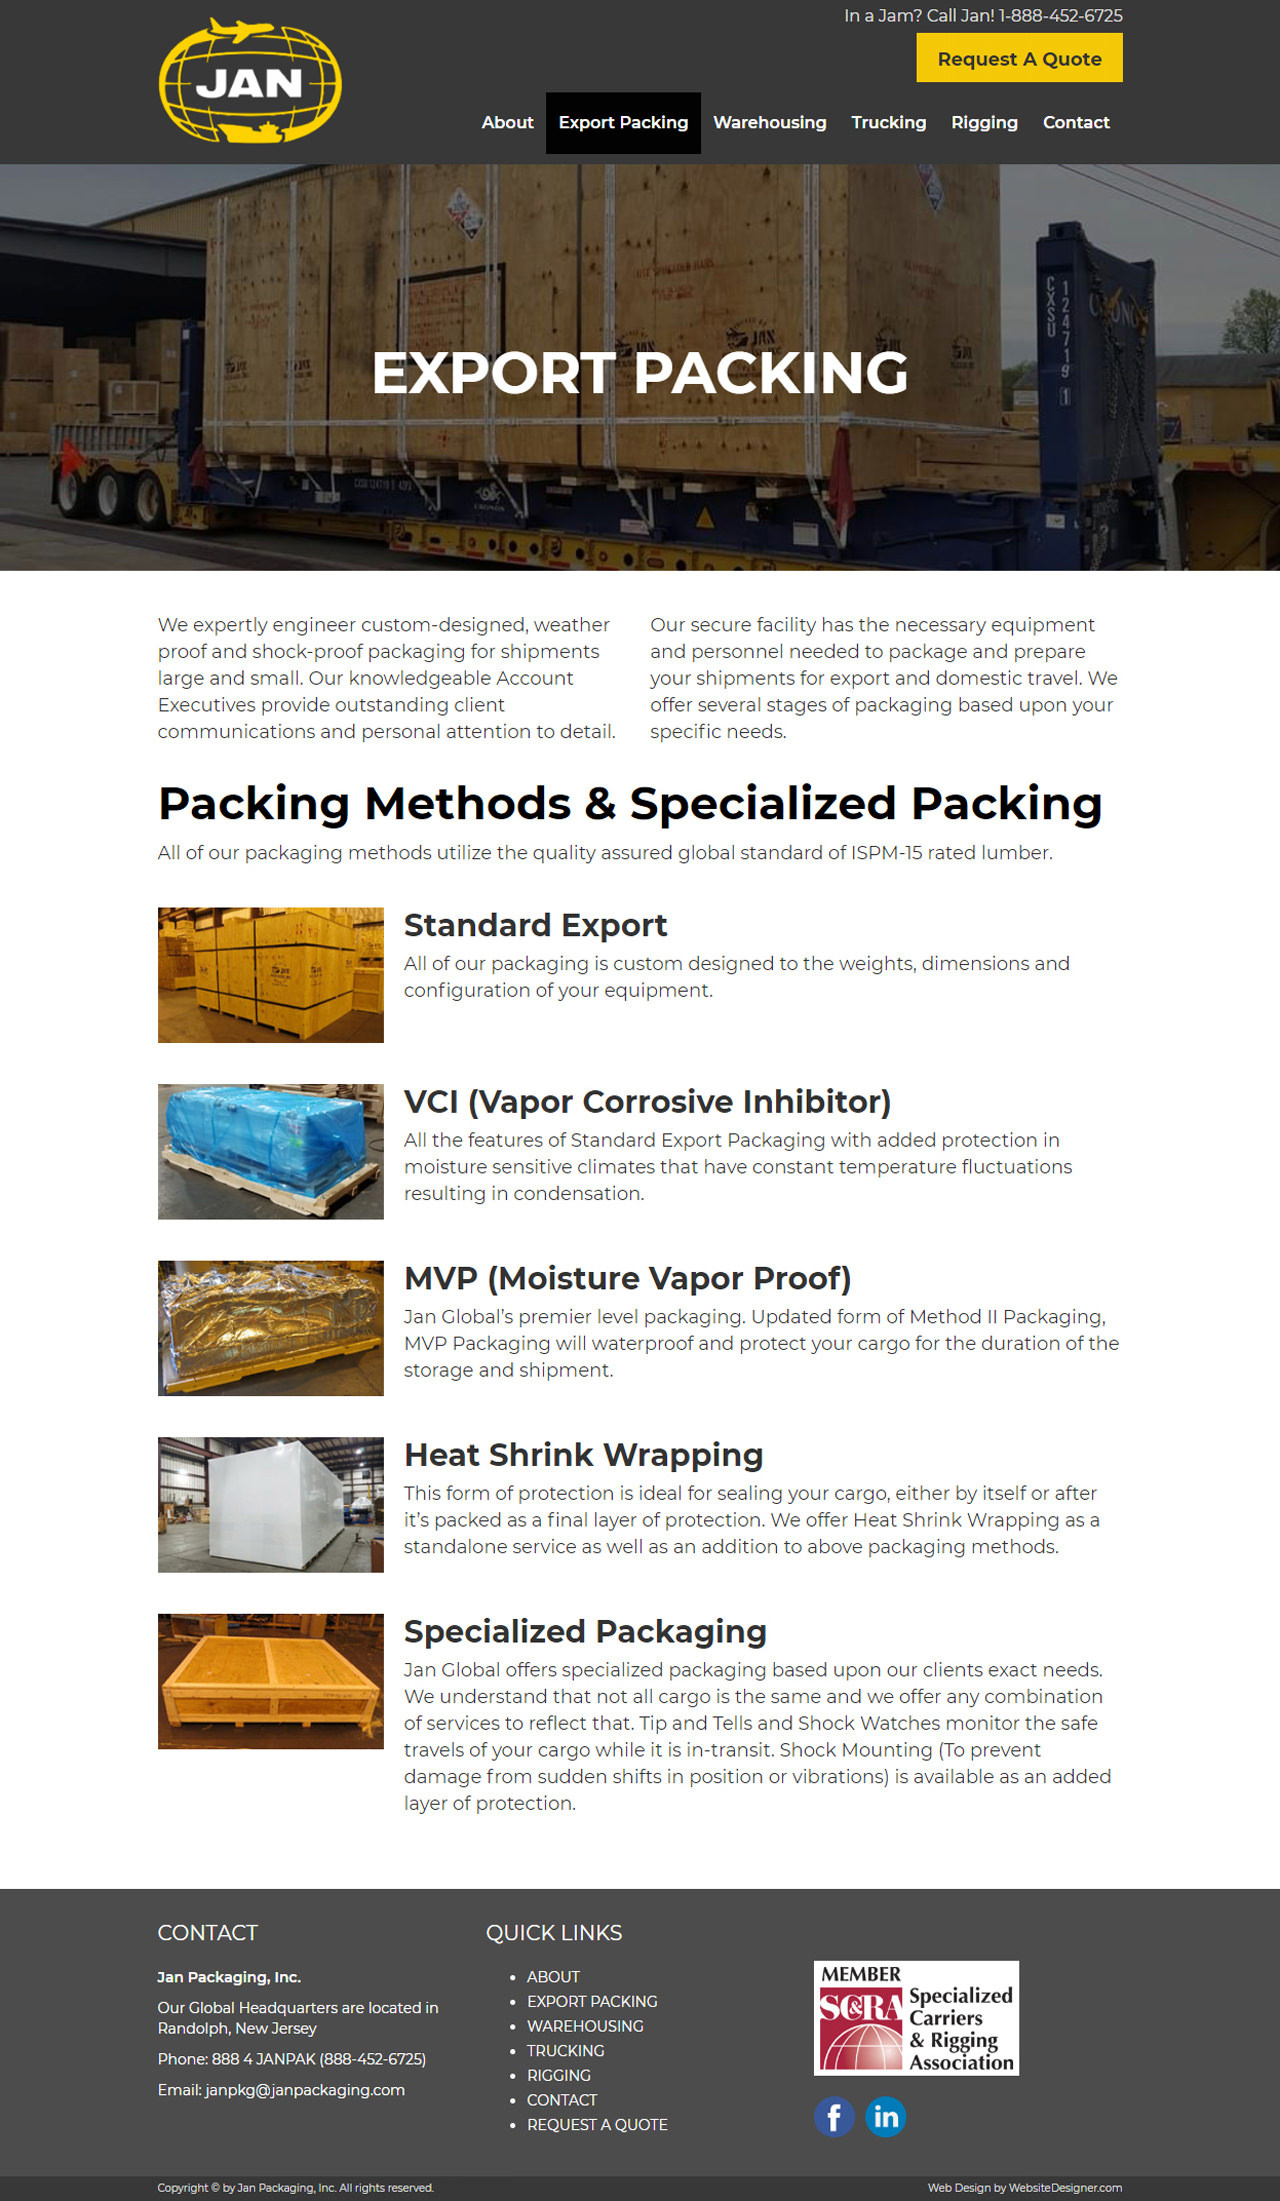 Jan Packaging, Inc. Inner Page